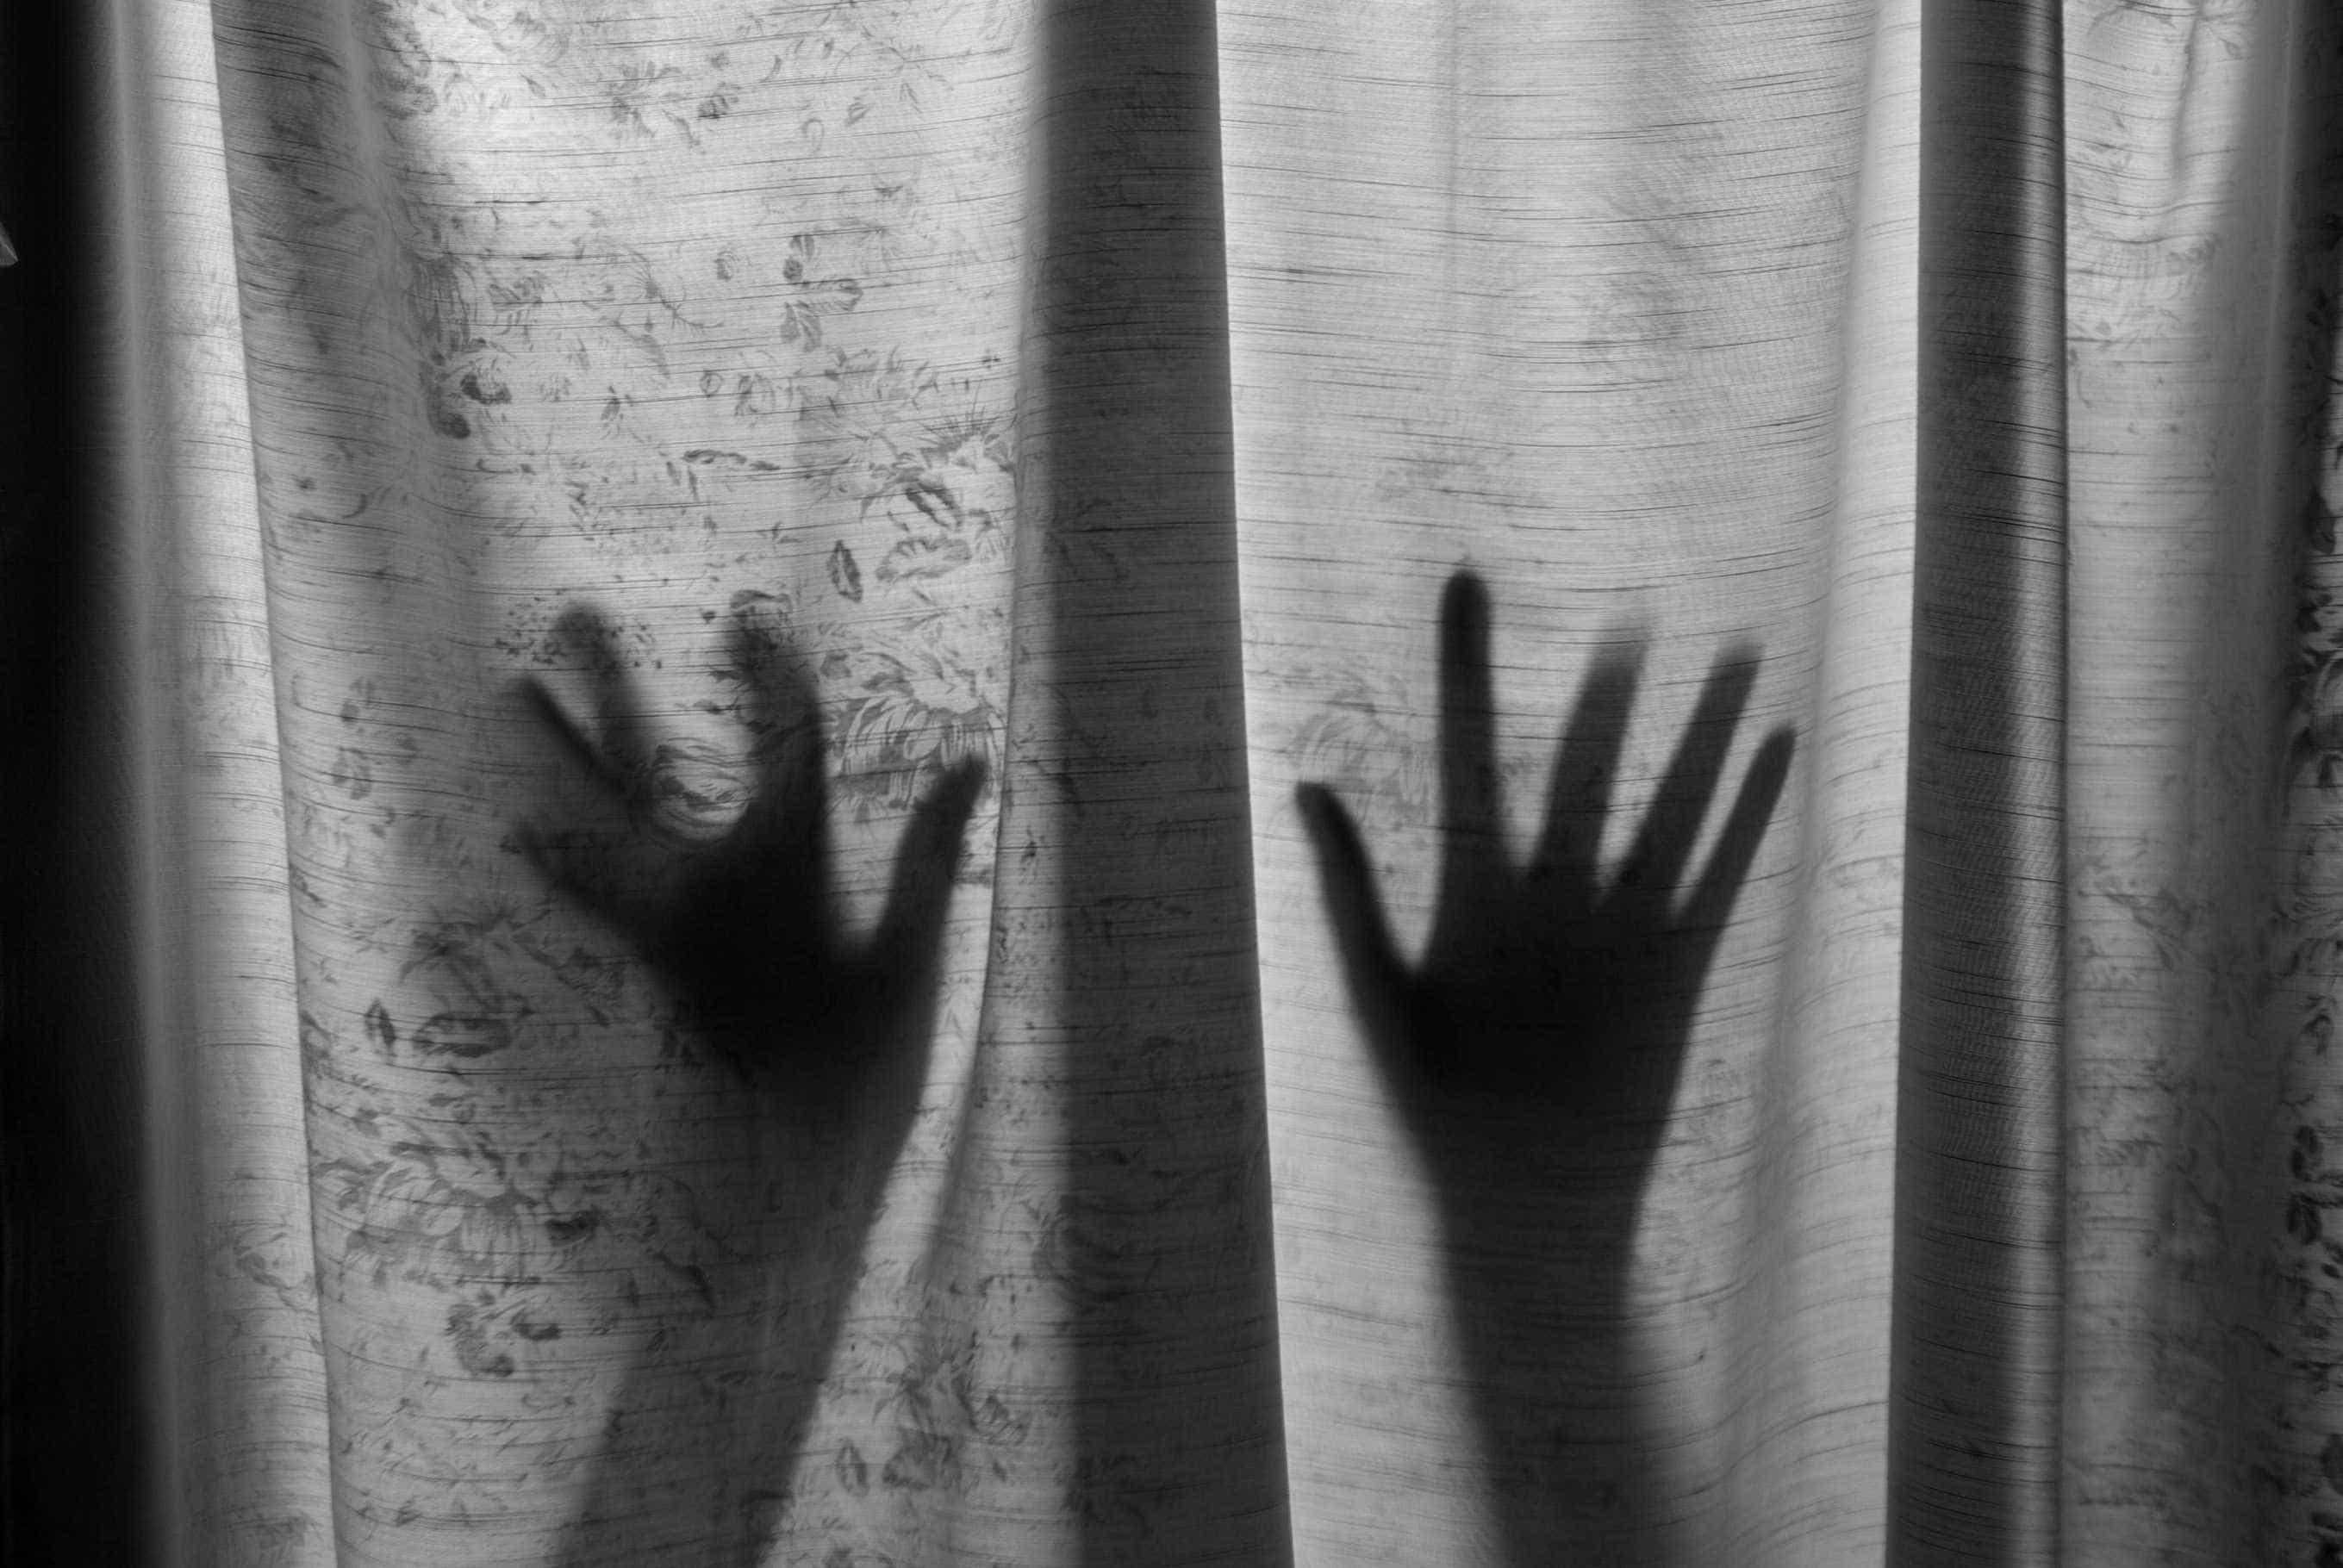 Mulher assassinada pelo marido em Vieira do Minho. Suspeito entregou-se